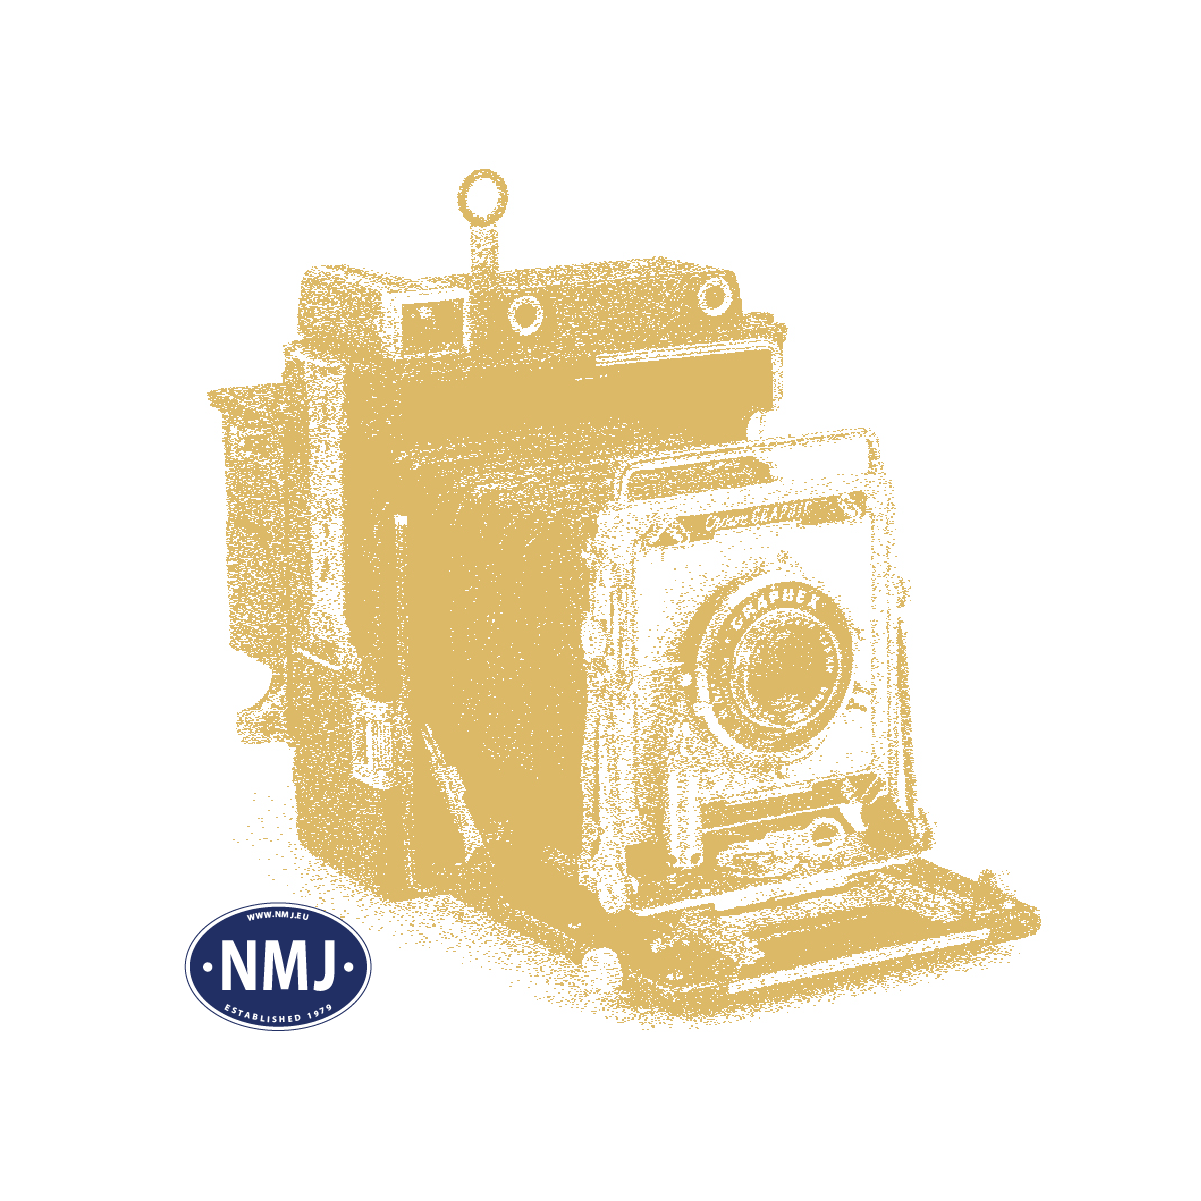 NMJT505.301 - NMJ Topline Rps 31 76 393 3 013-1 Flachwagen NSB mit Finsam Holzschnitzelcontainer